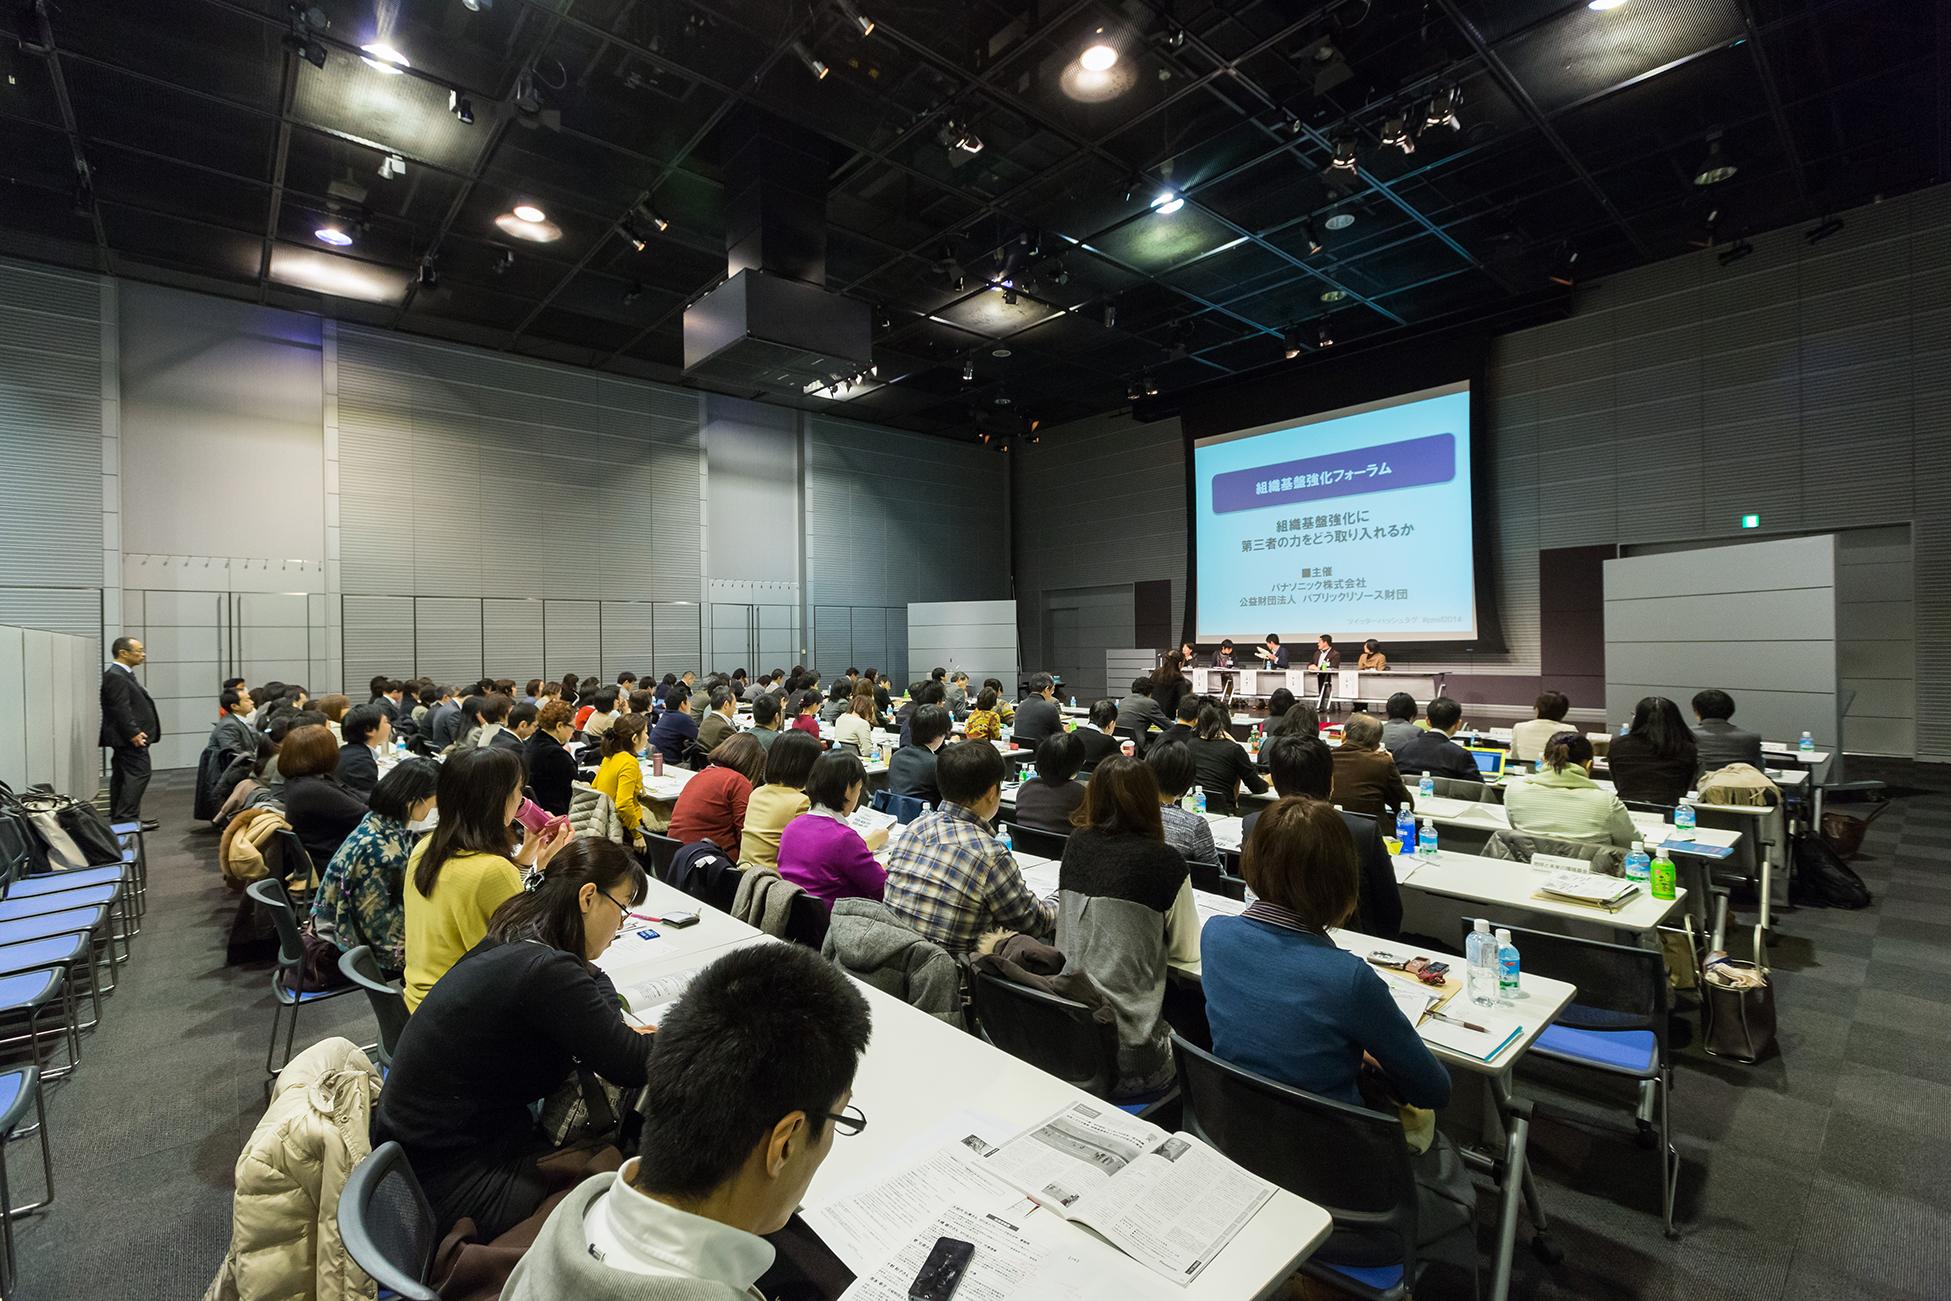 2014年に開催された組織基盤強化フォーラムの模様